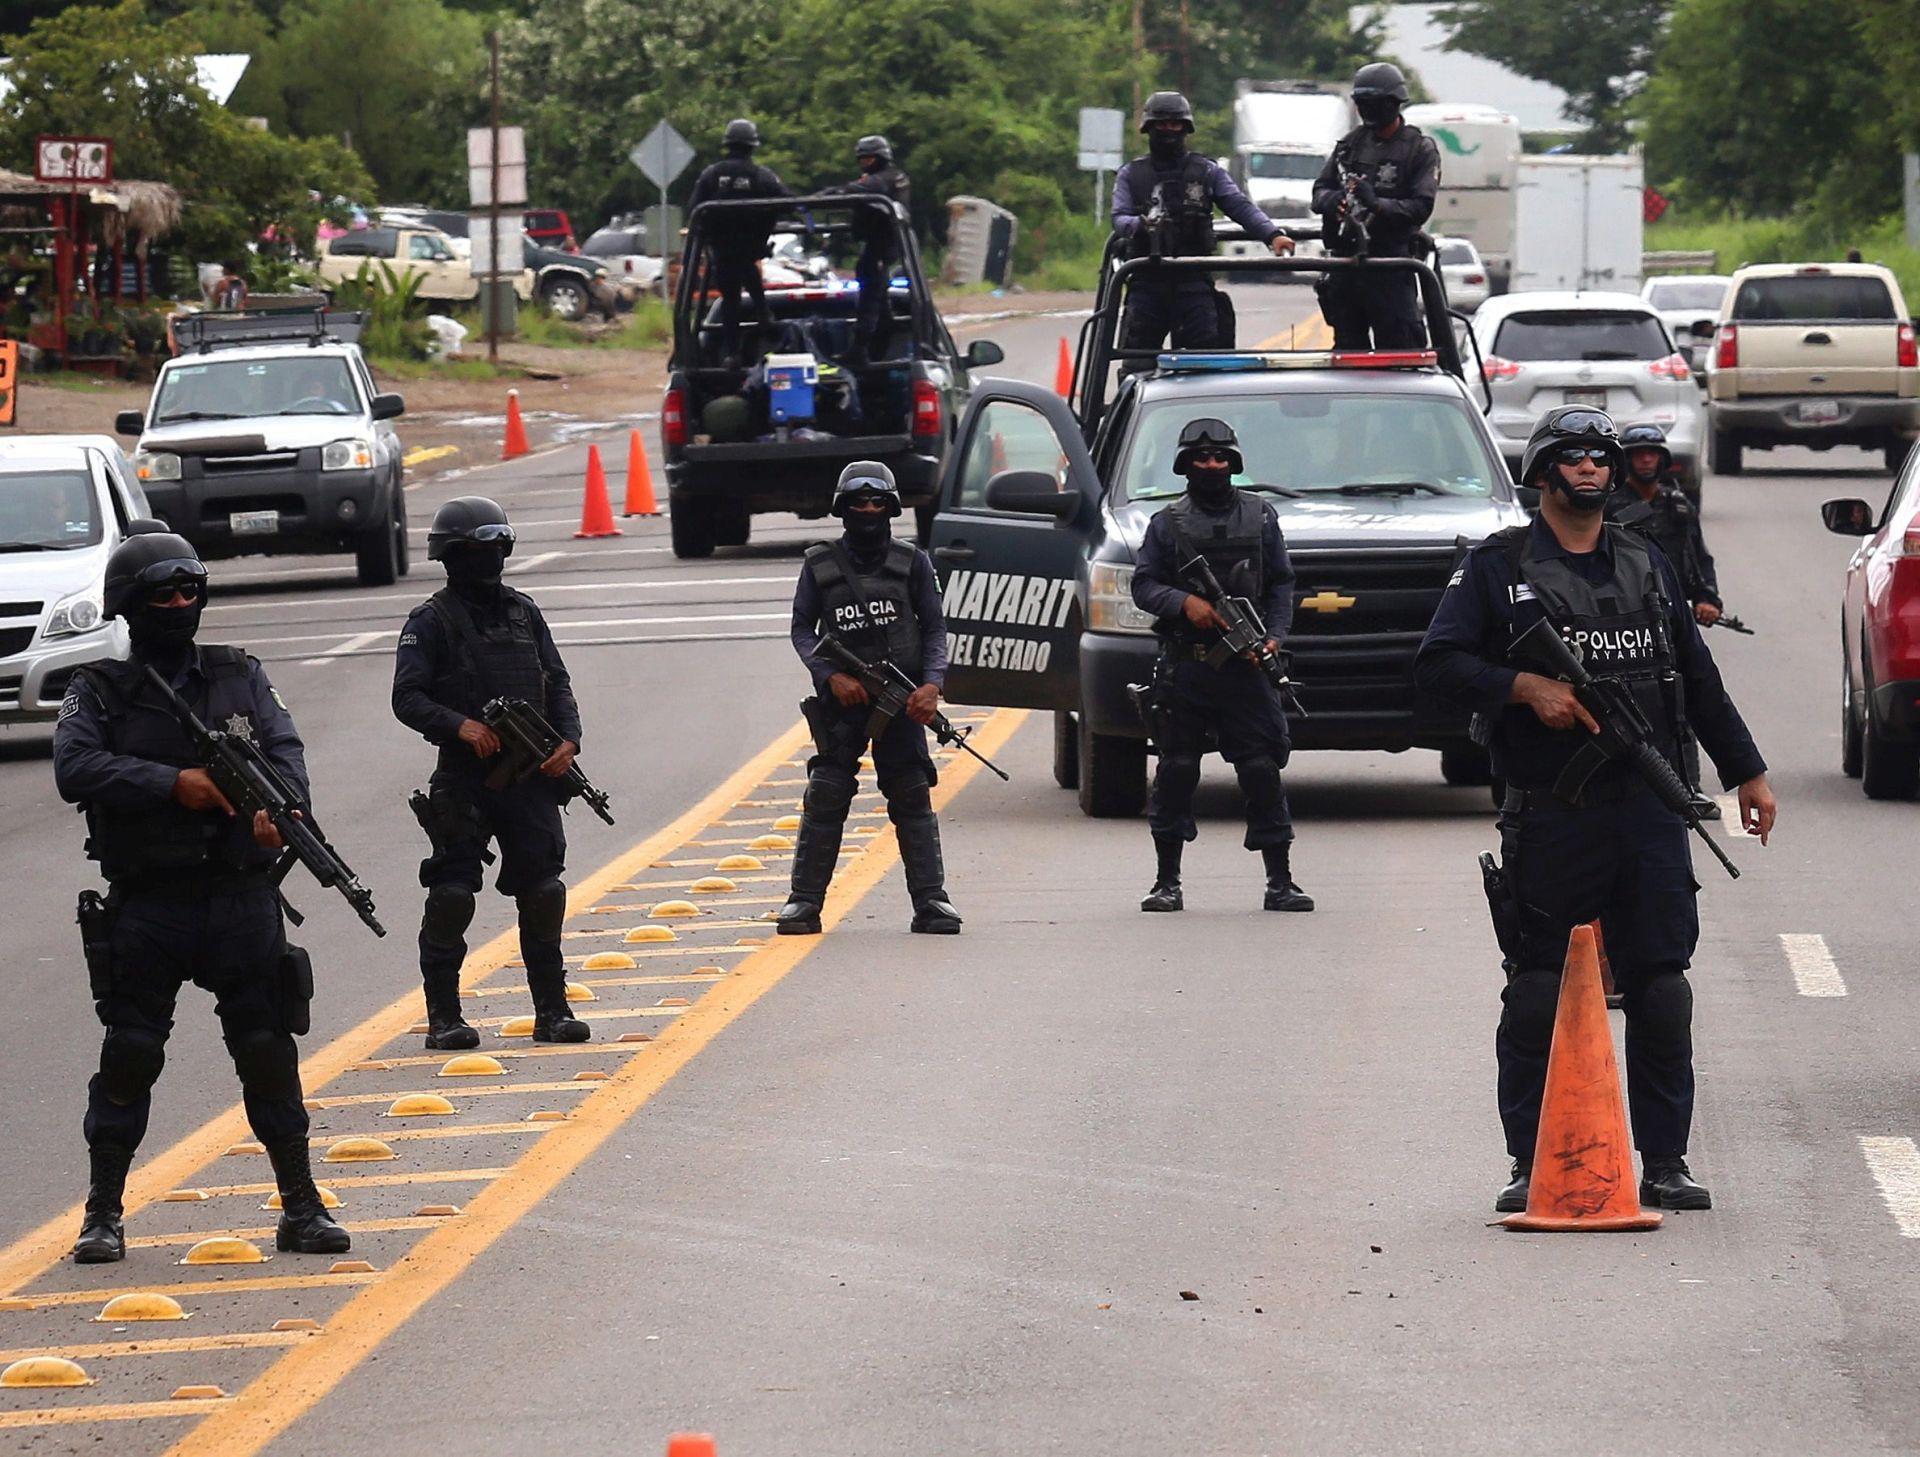 VOJSKA PROTIV KARTELA: U pucnjavi u Meksiku 11 ubijenih